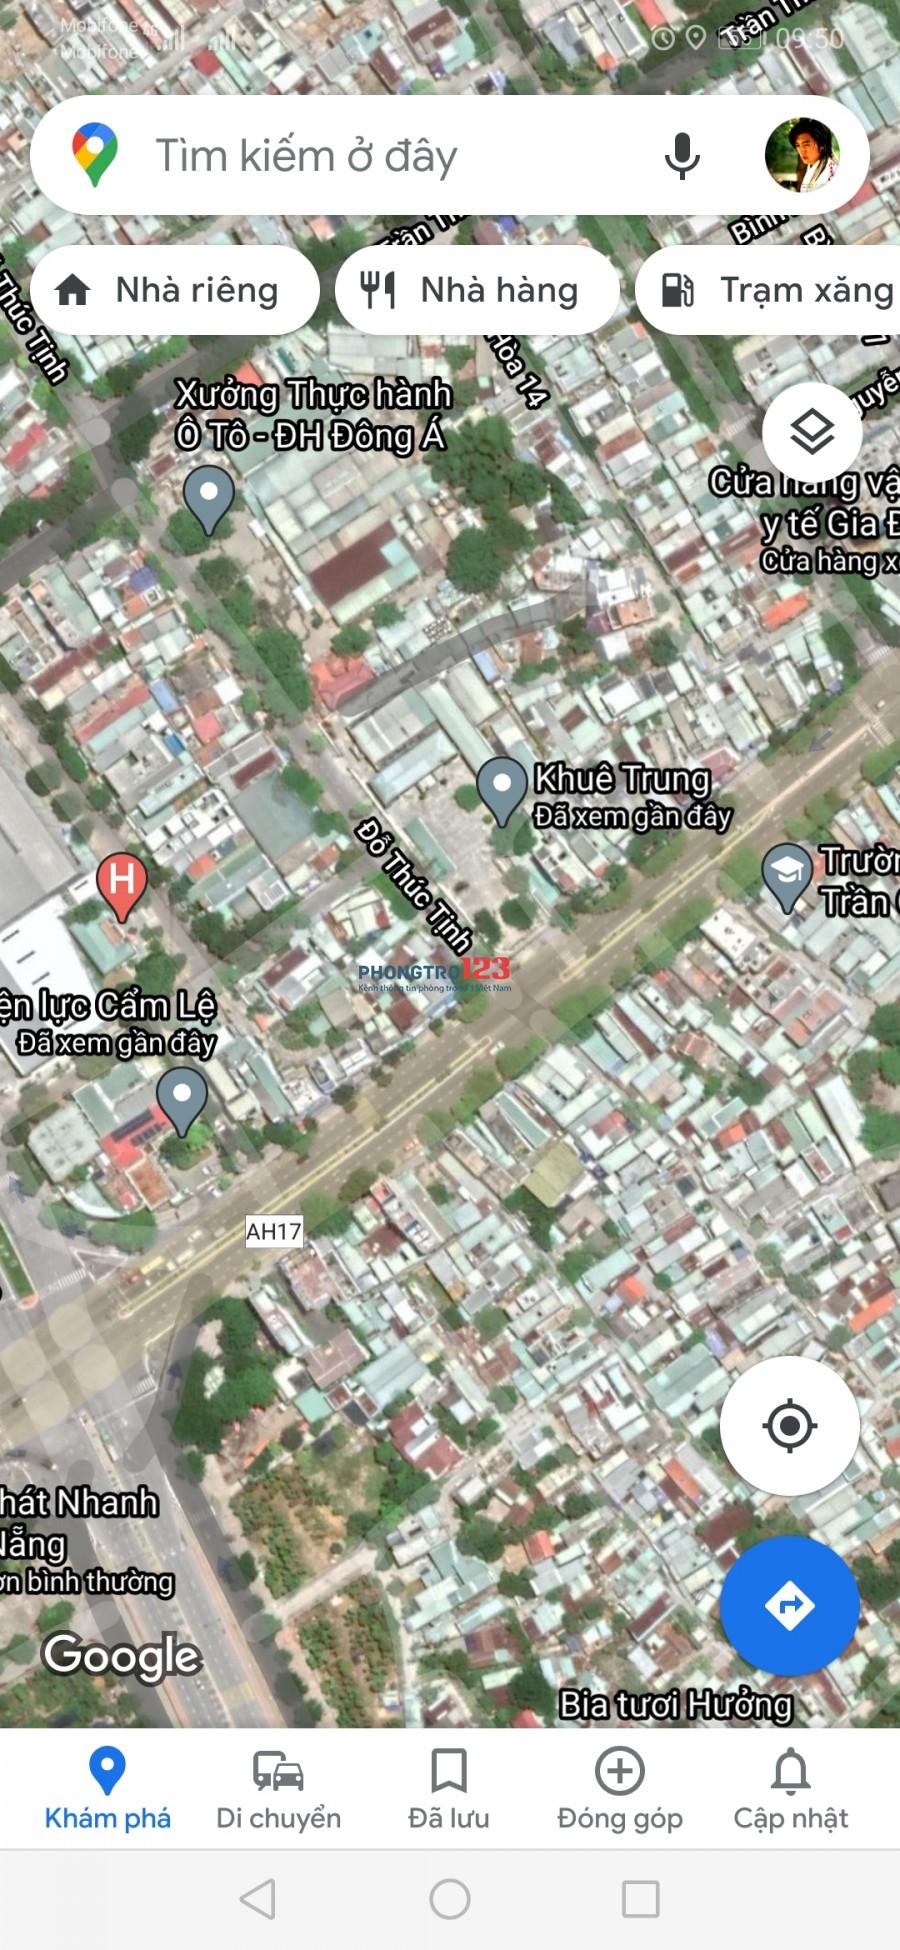 Cần cho thuê nhà 1pn, có sân vườn giá rẻ tại Đà Nẵng